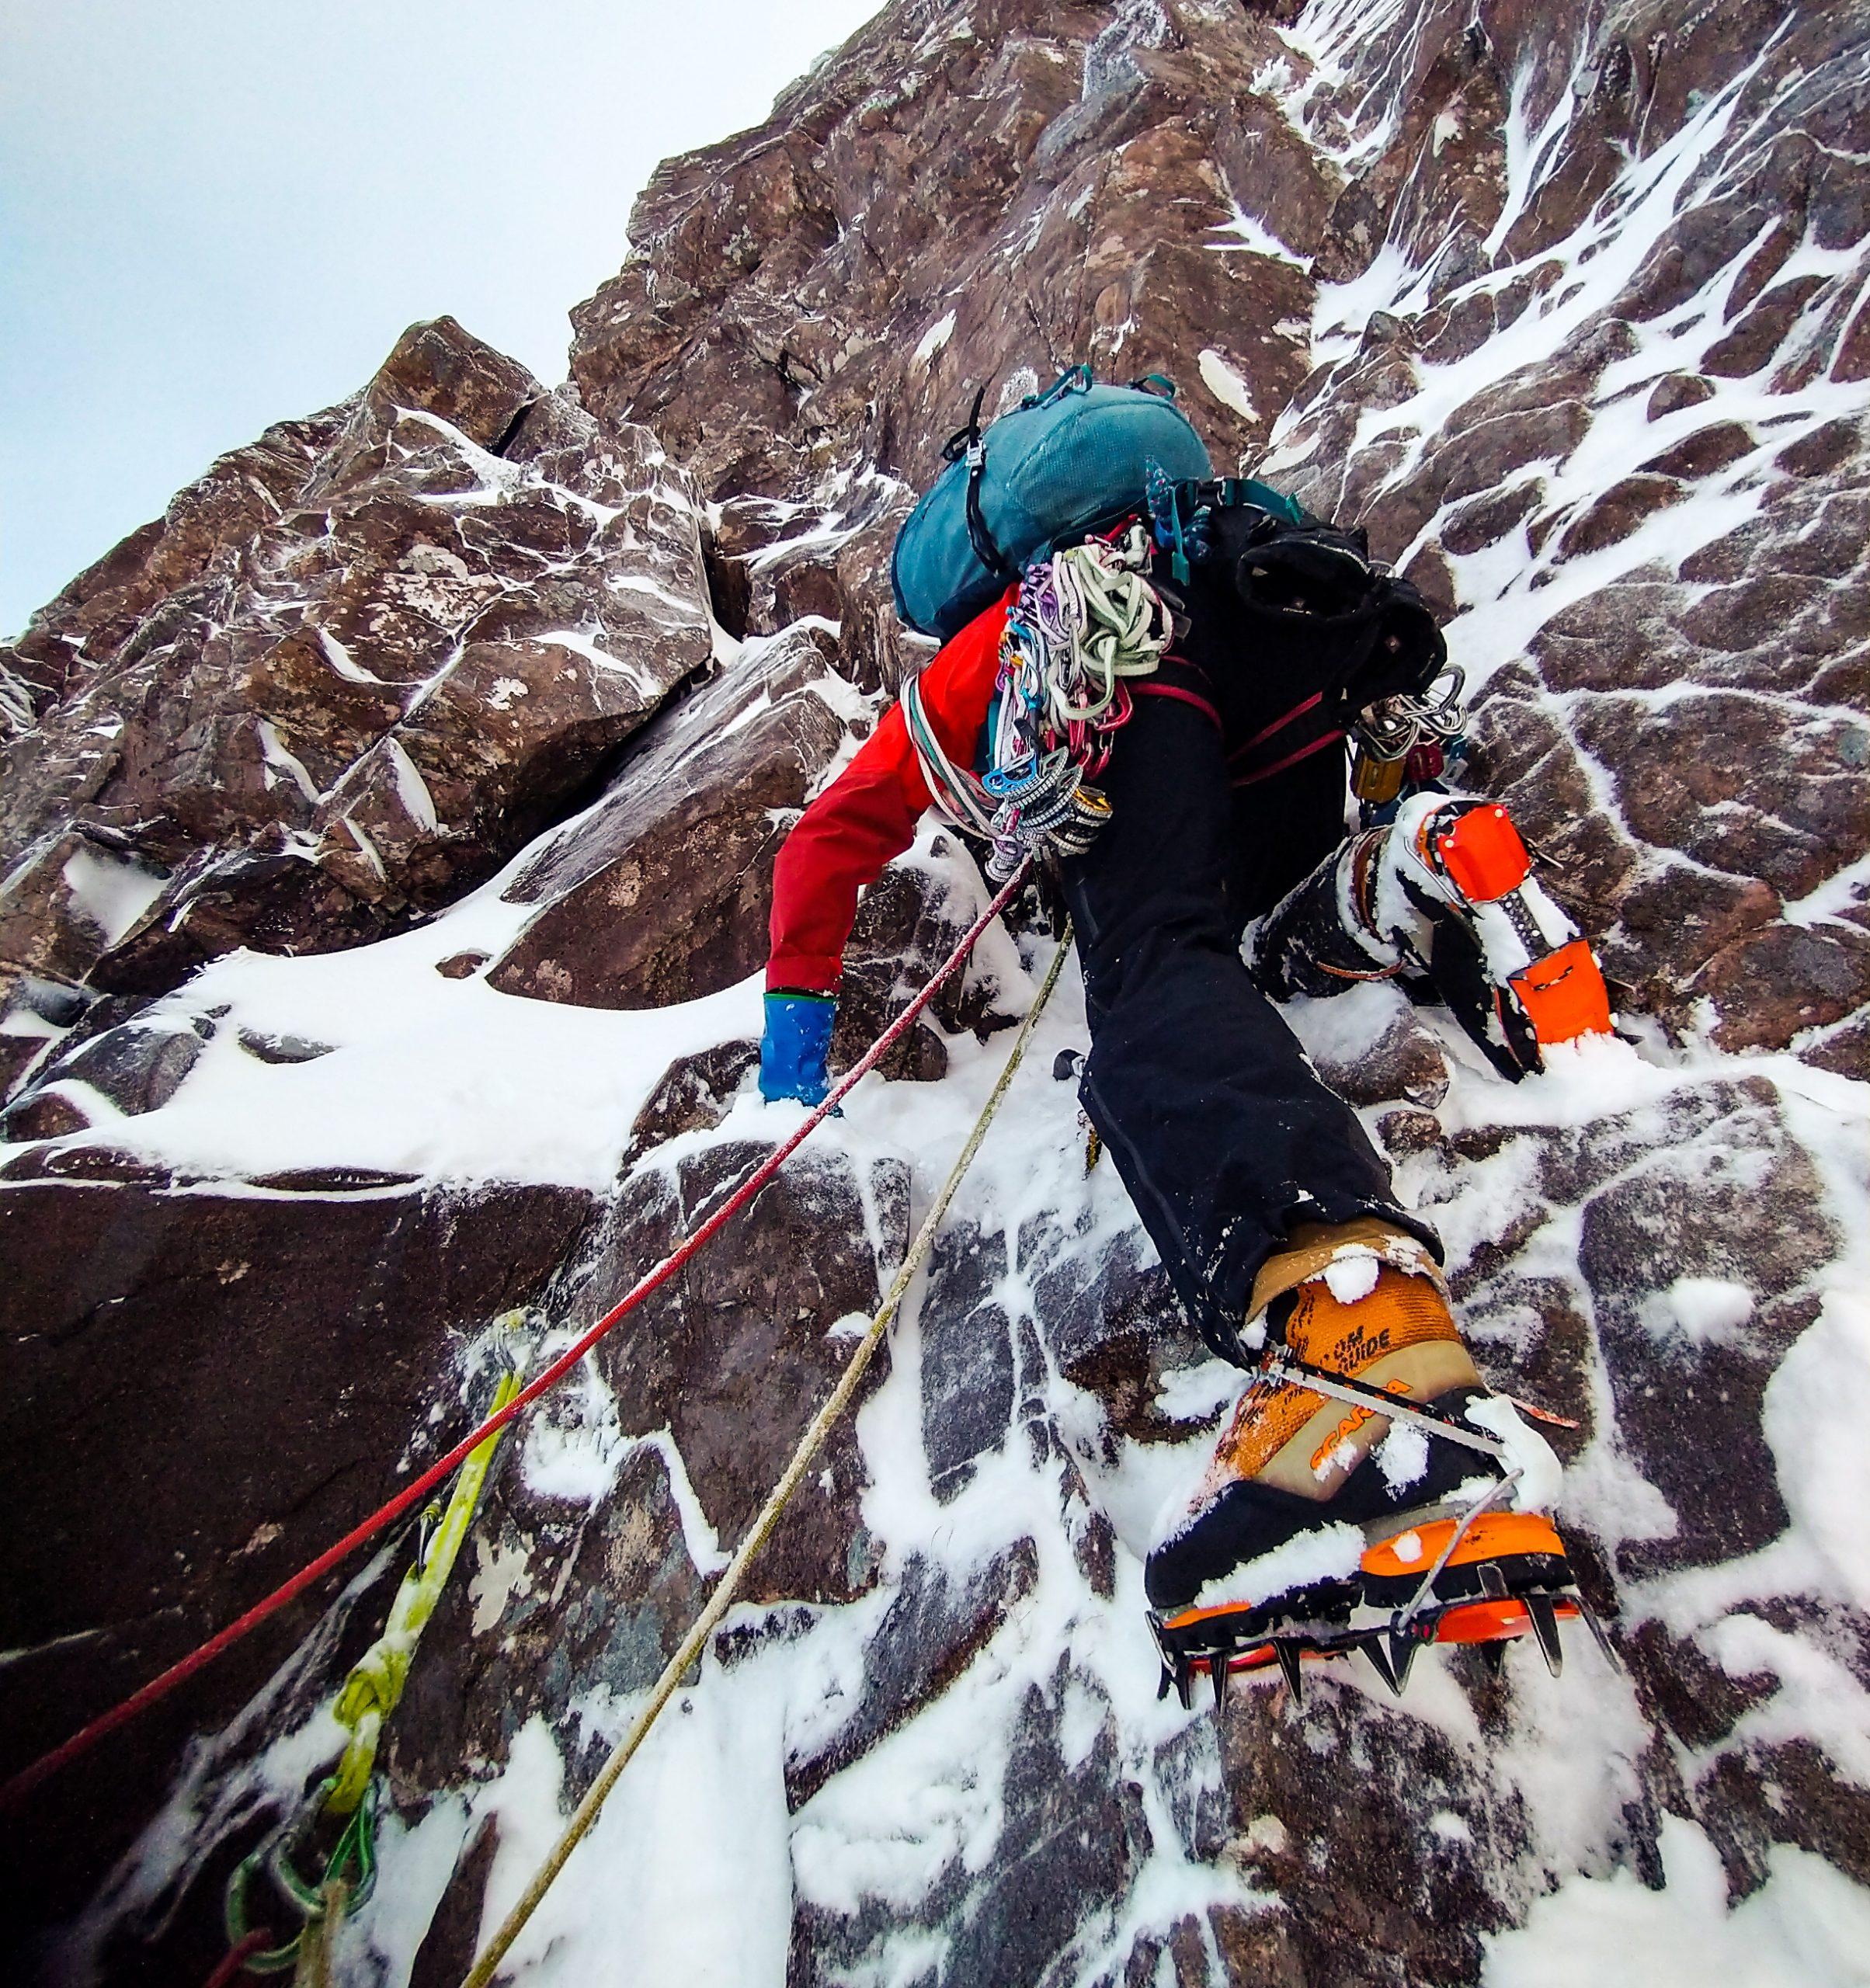 Winter Climbing on Piggots Route Beinn Eighe